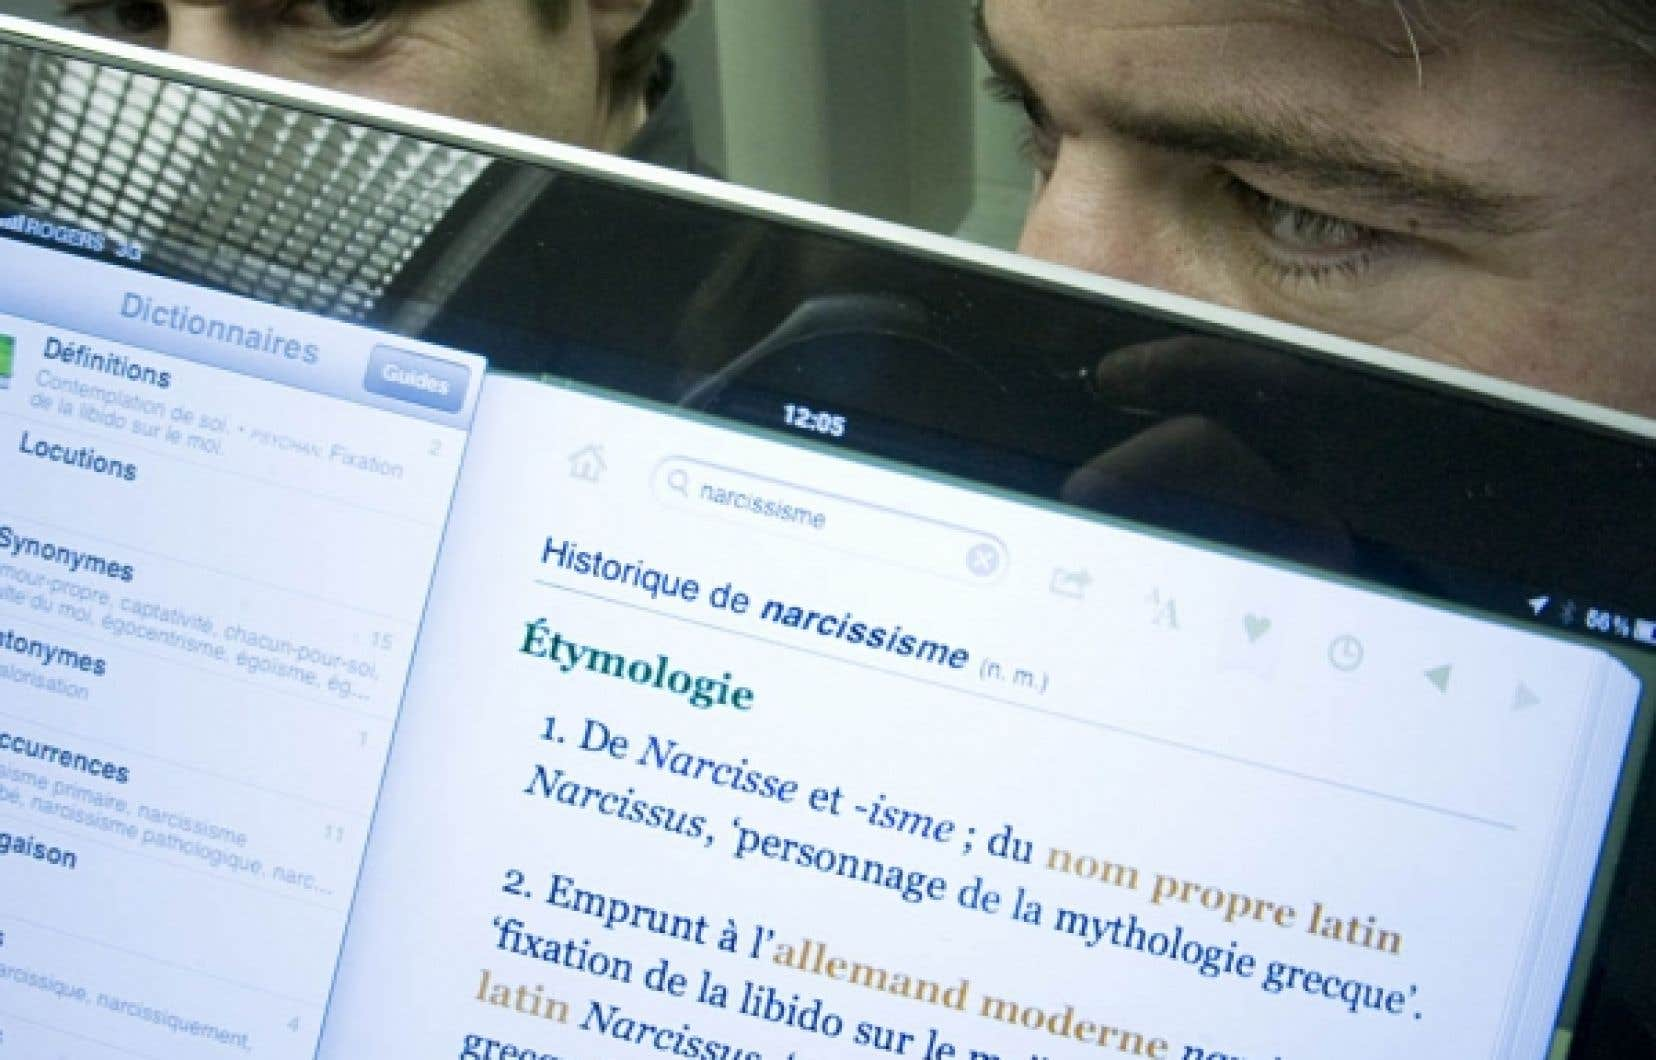 Les nouvelles technologies de la communication agiraient comme un miroir dans lequel les narcissiques aiment d&eacute;sormais se regarder.<br />